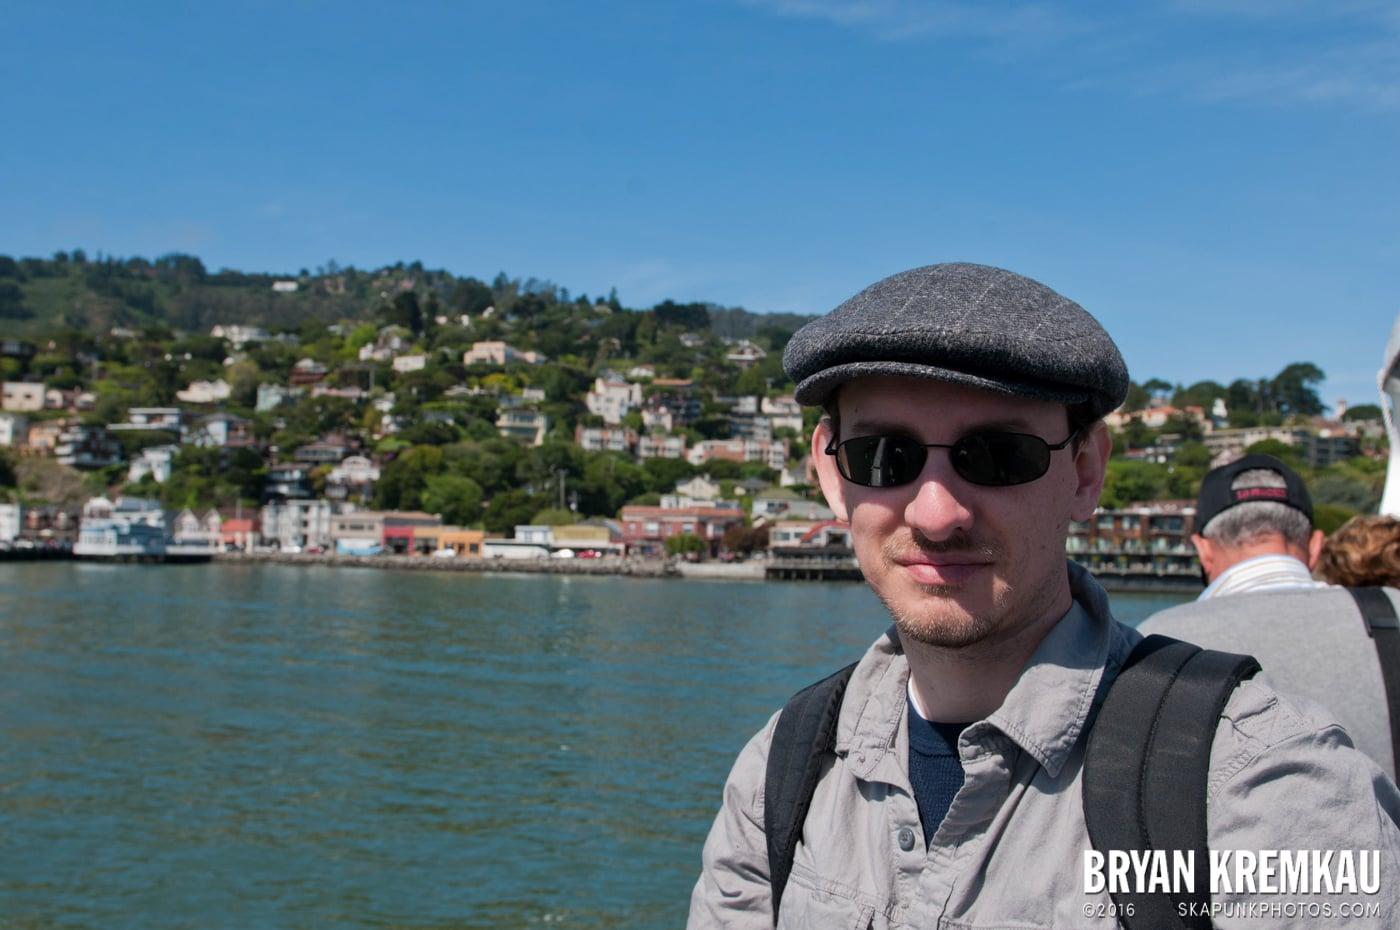 San Francisco Vacation - Day 3 - 4.30.12 (80)